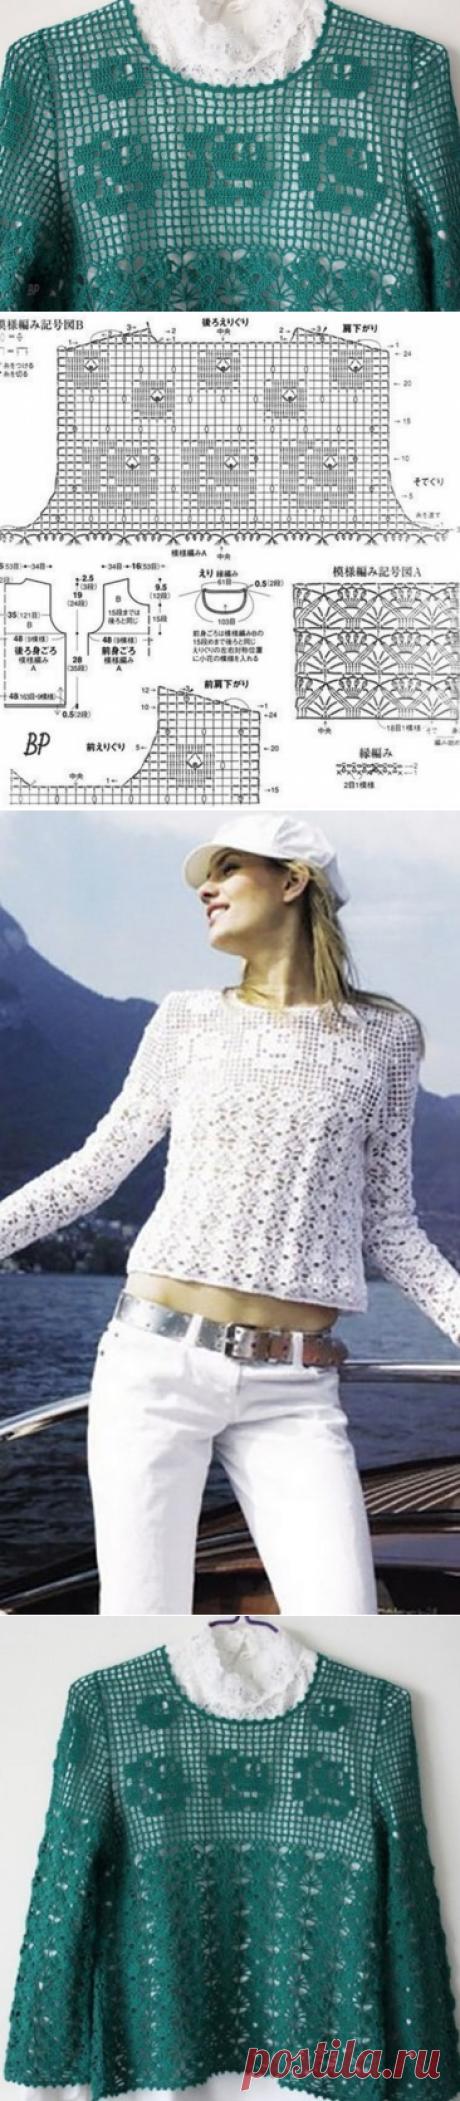 Белый джемпер филейным узором с розами крючком – схемы вязания